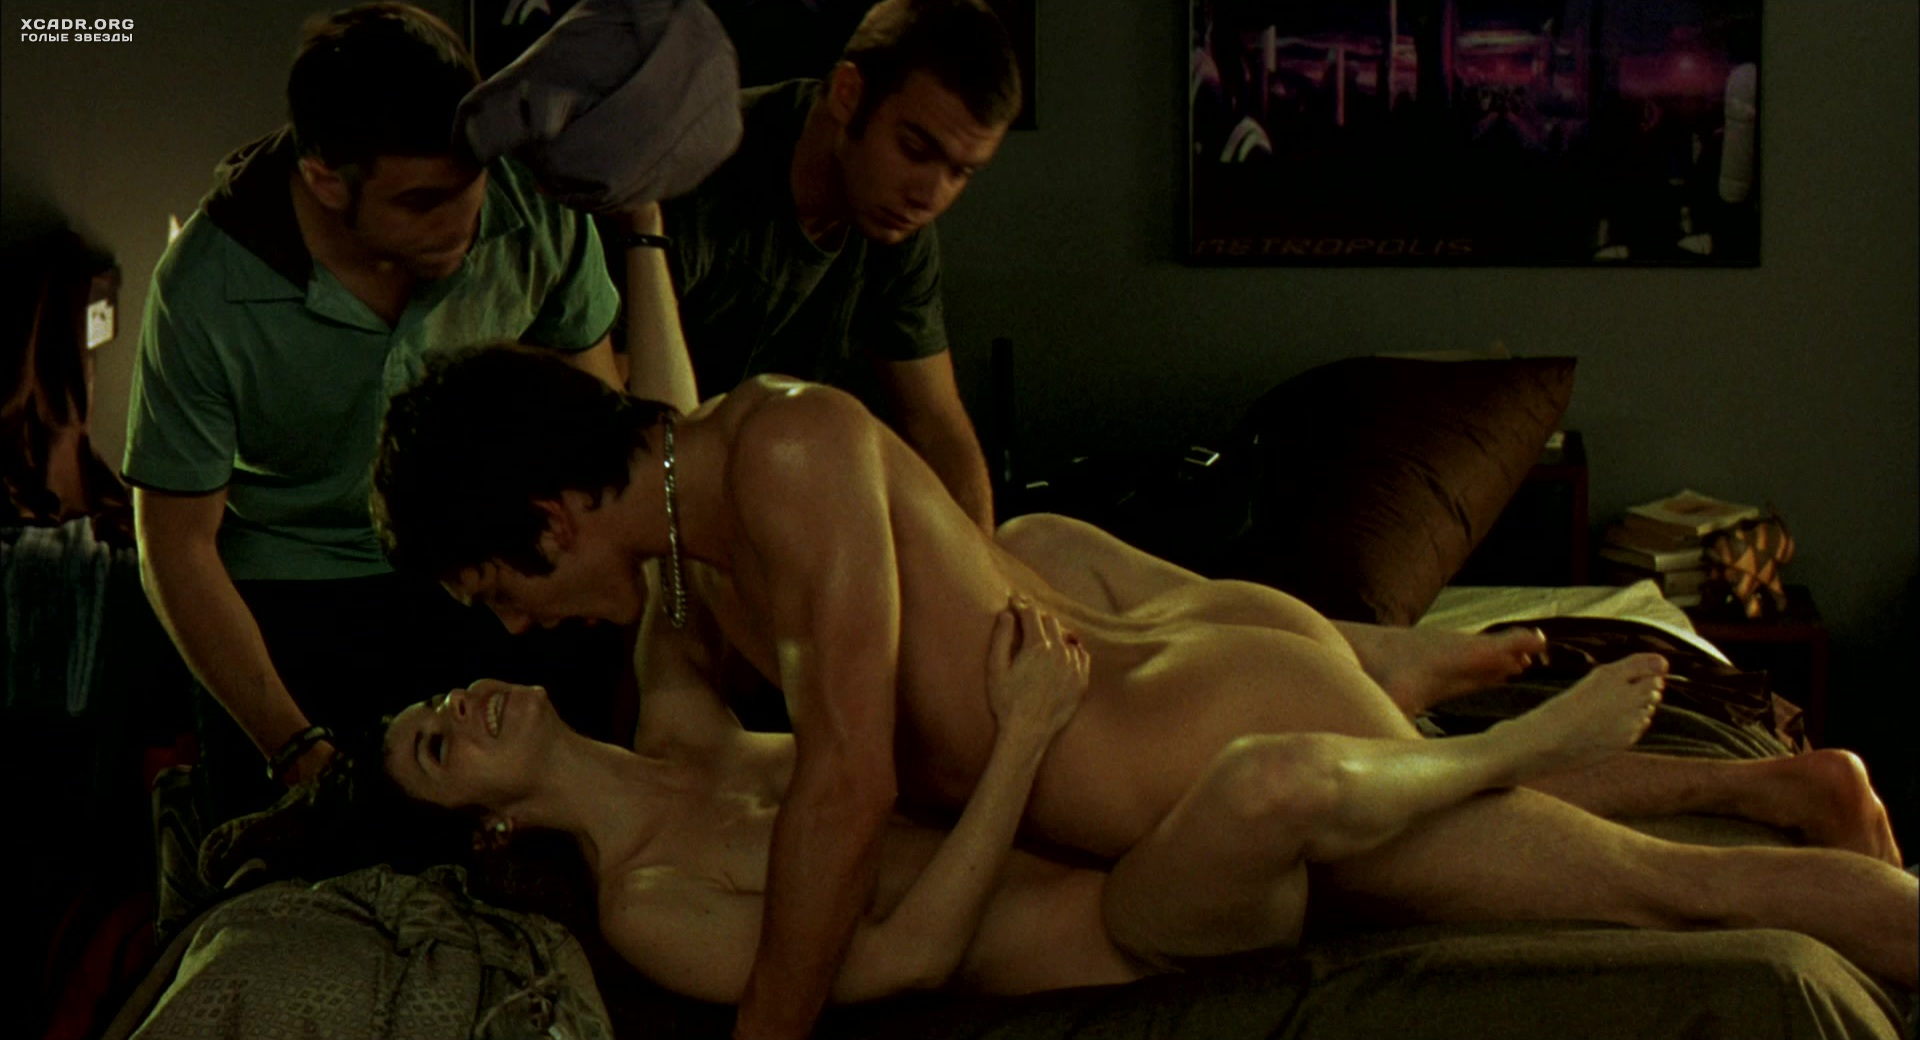 фильмы про секс он